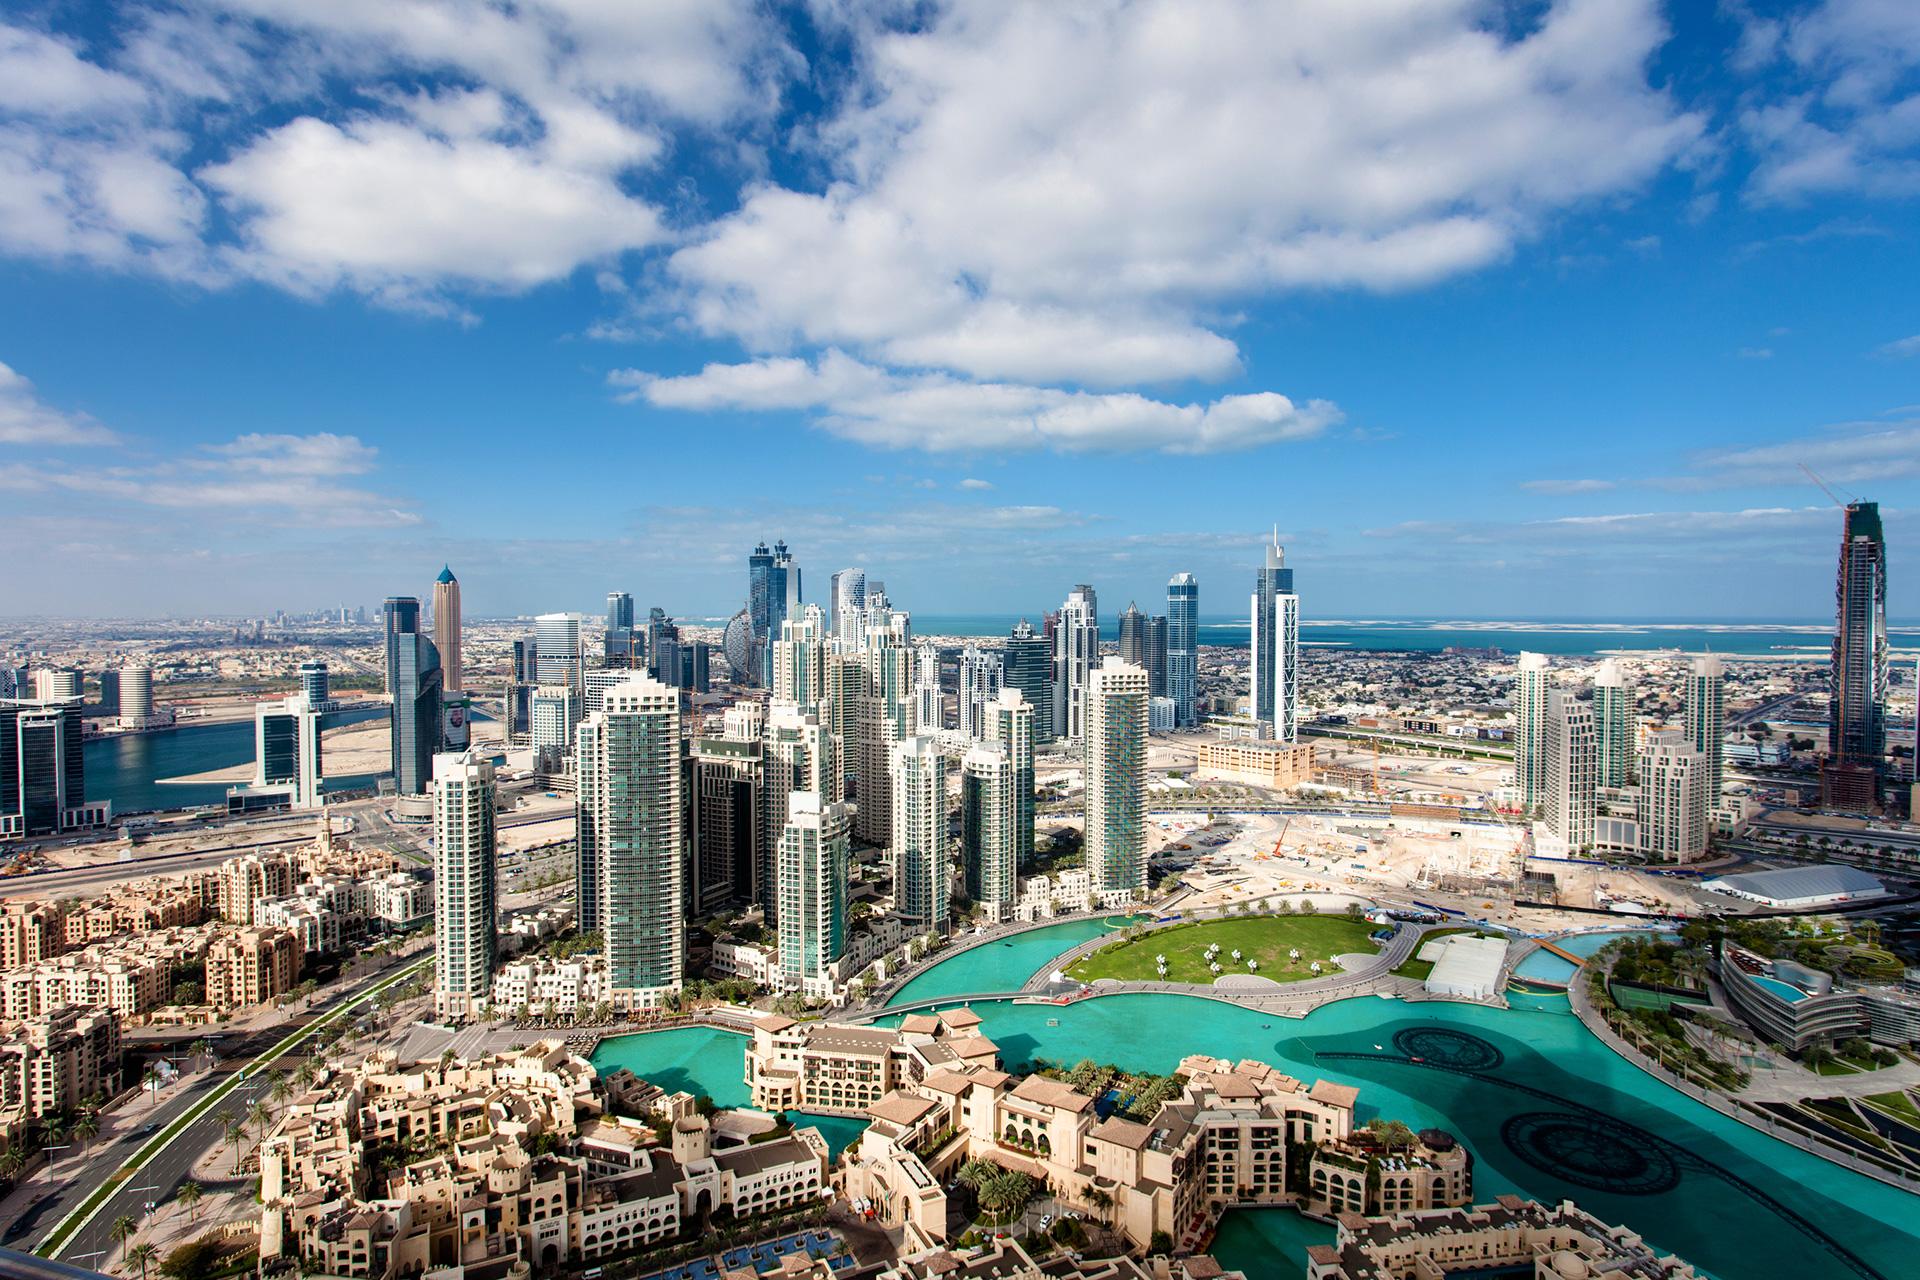 أبوظبي تستحوذ على أبرز 5 فنادق في دبي